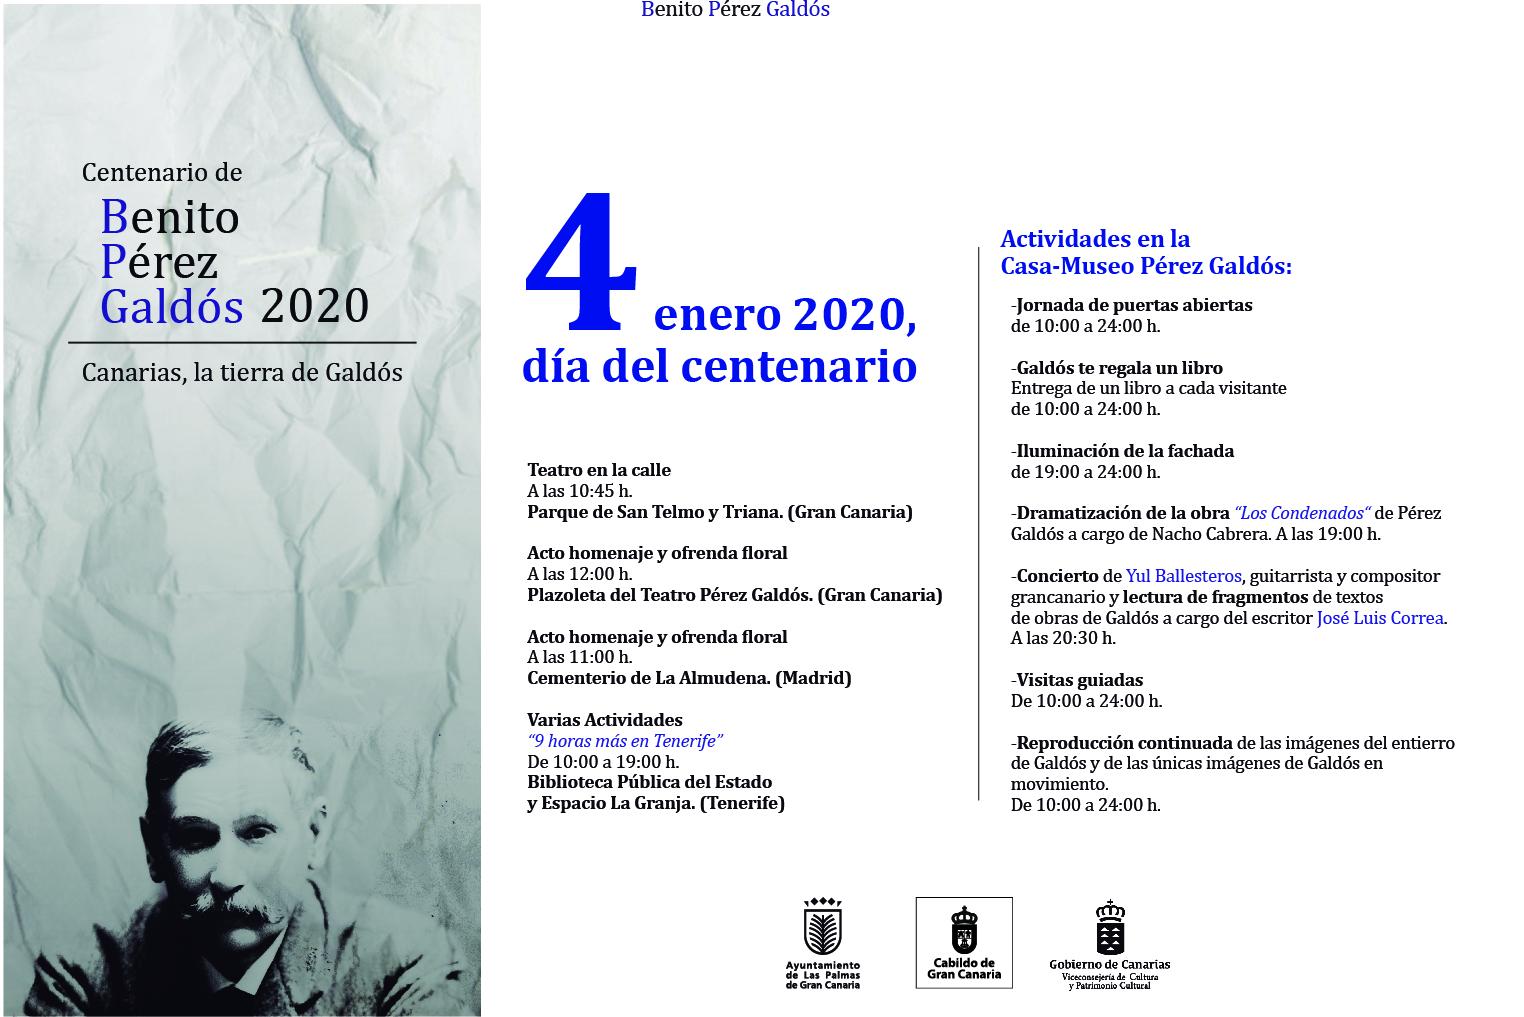 Actividades programadas para el 4 de enero de 2020